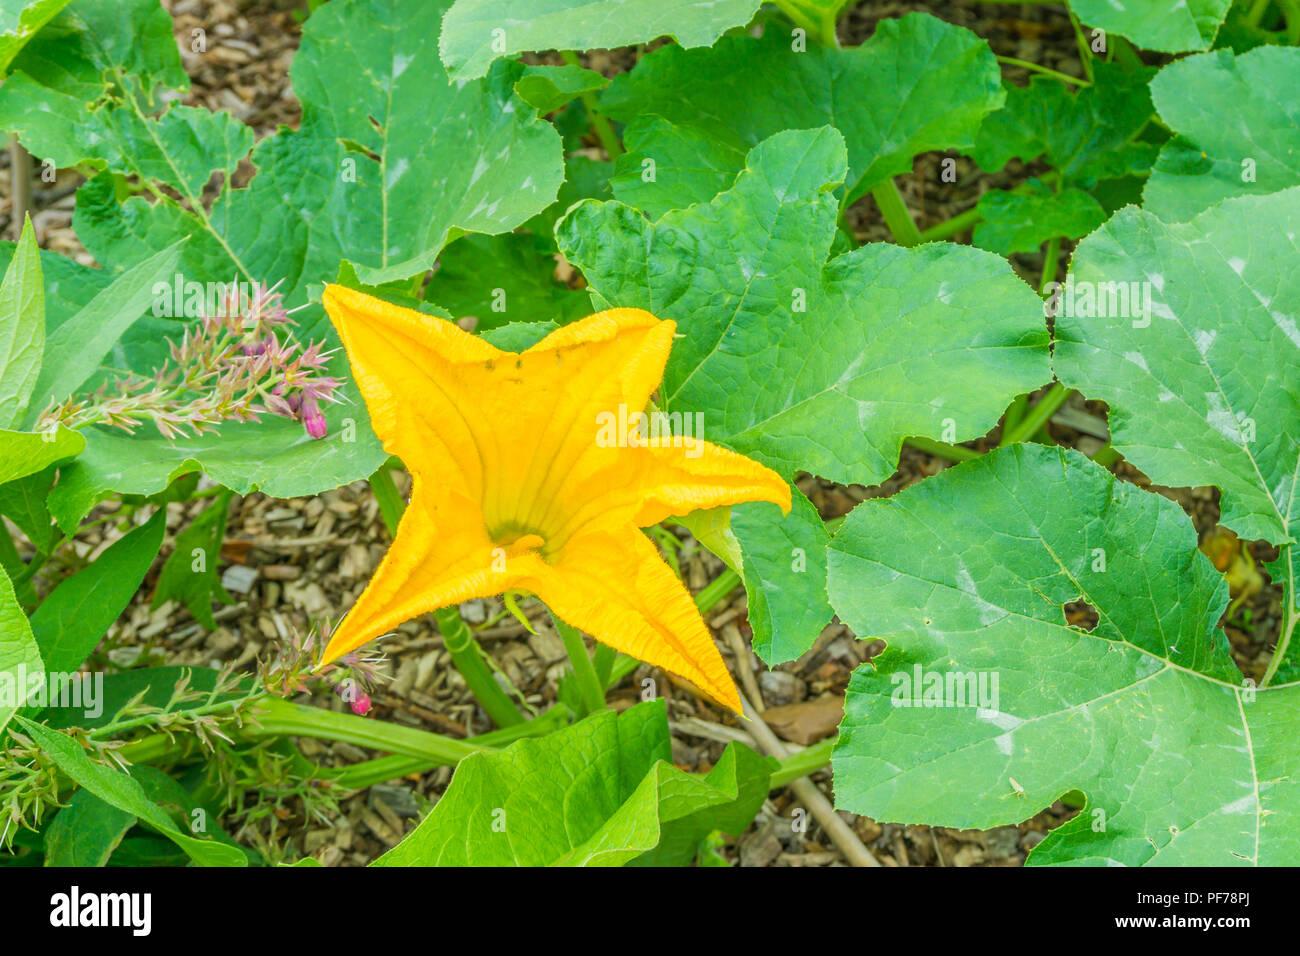 Grosse Gelbe Blume Auf Einem Kurbis Pflanze Mit Riesigen Blatter